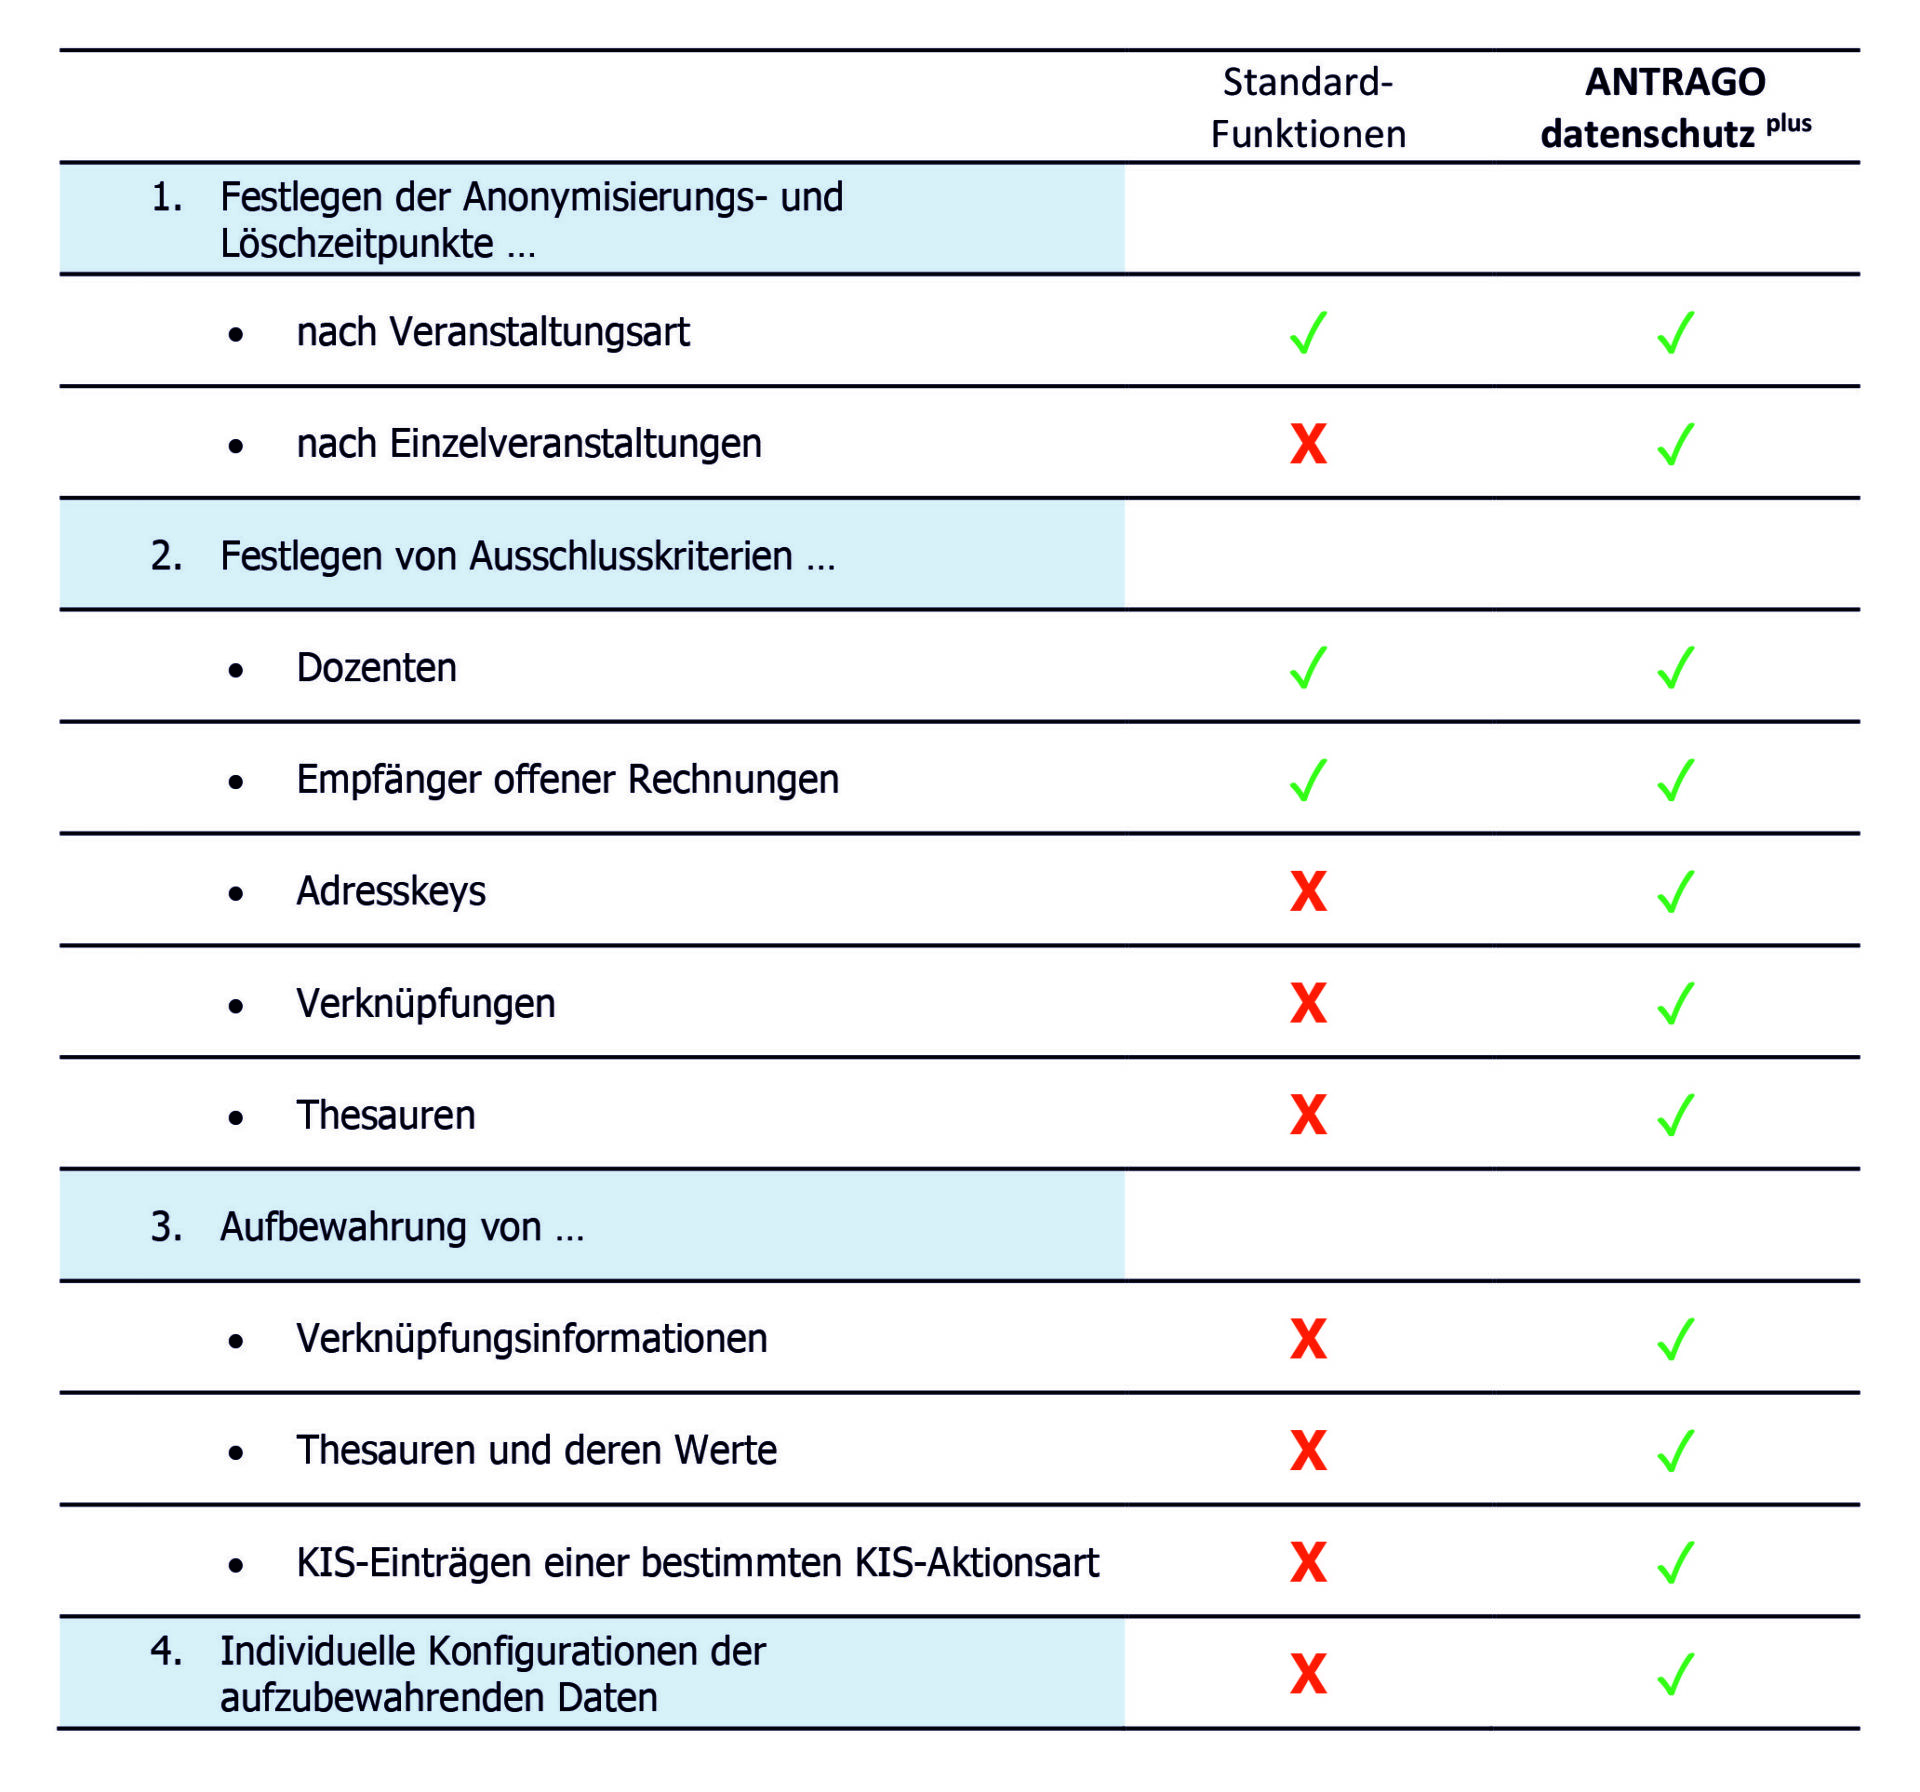 Vergleich Datenschutzfunktionen in ANTRAGO